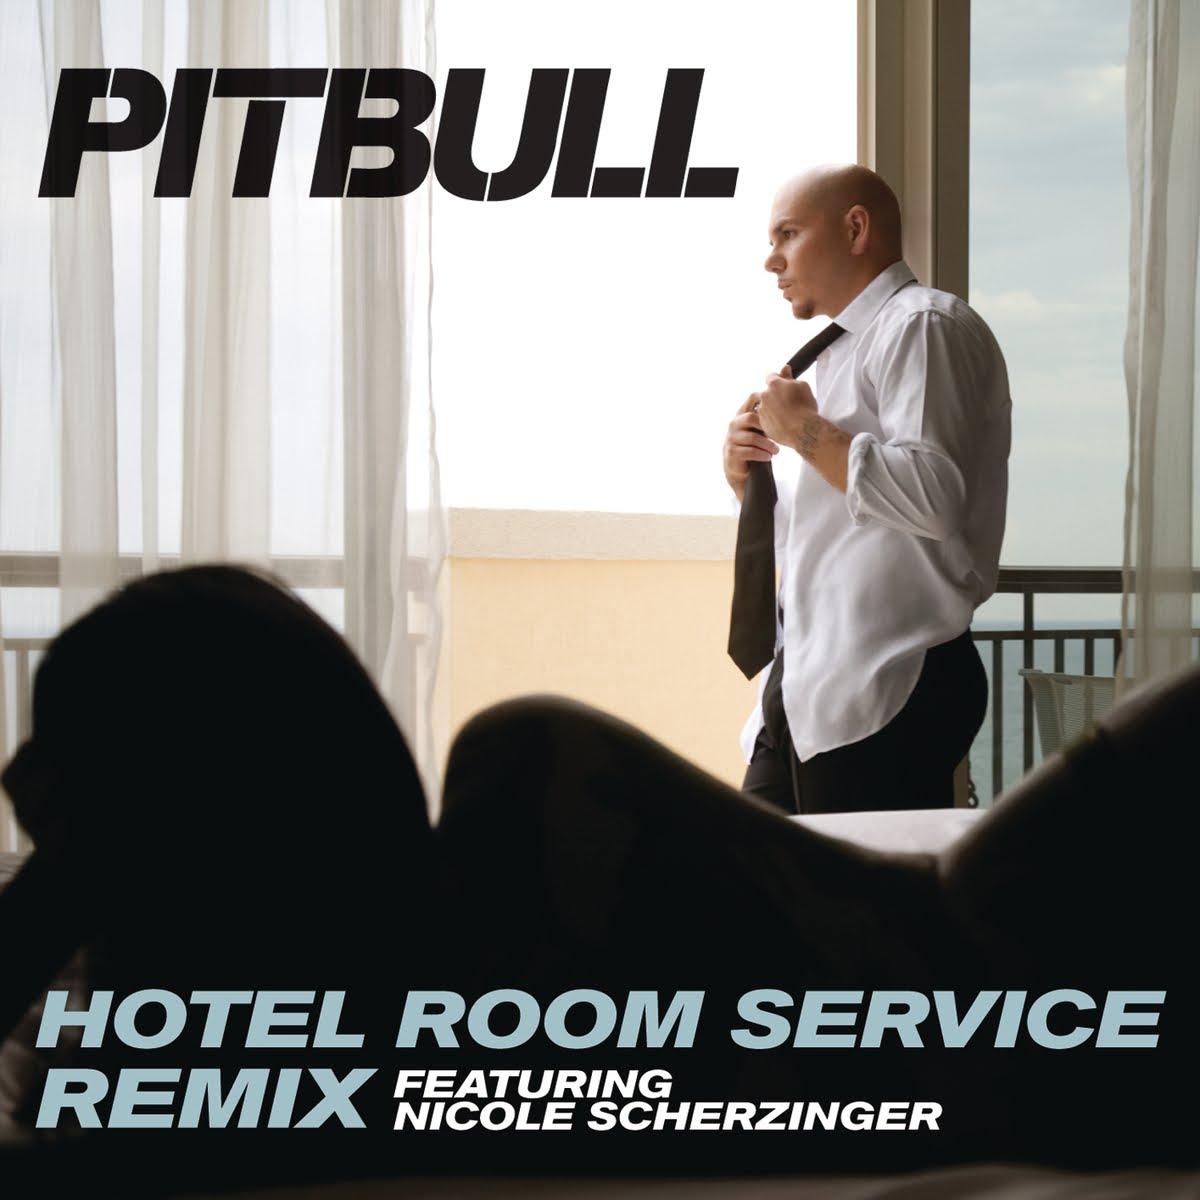 Pitbull Hotel Room Service Single Cover